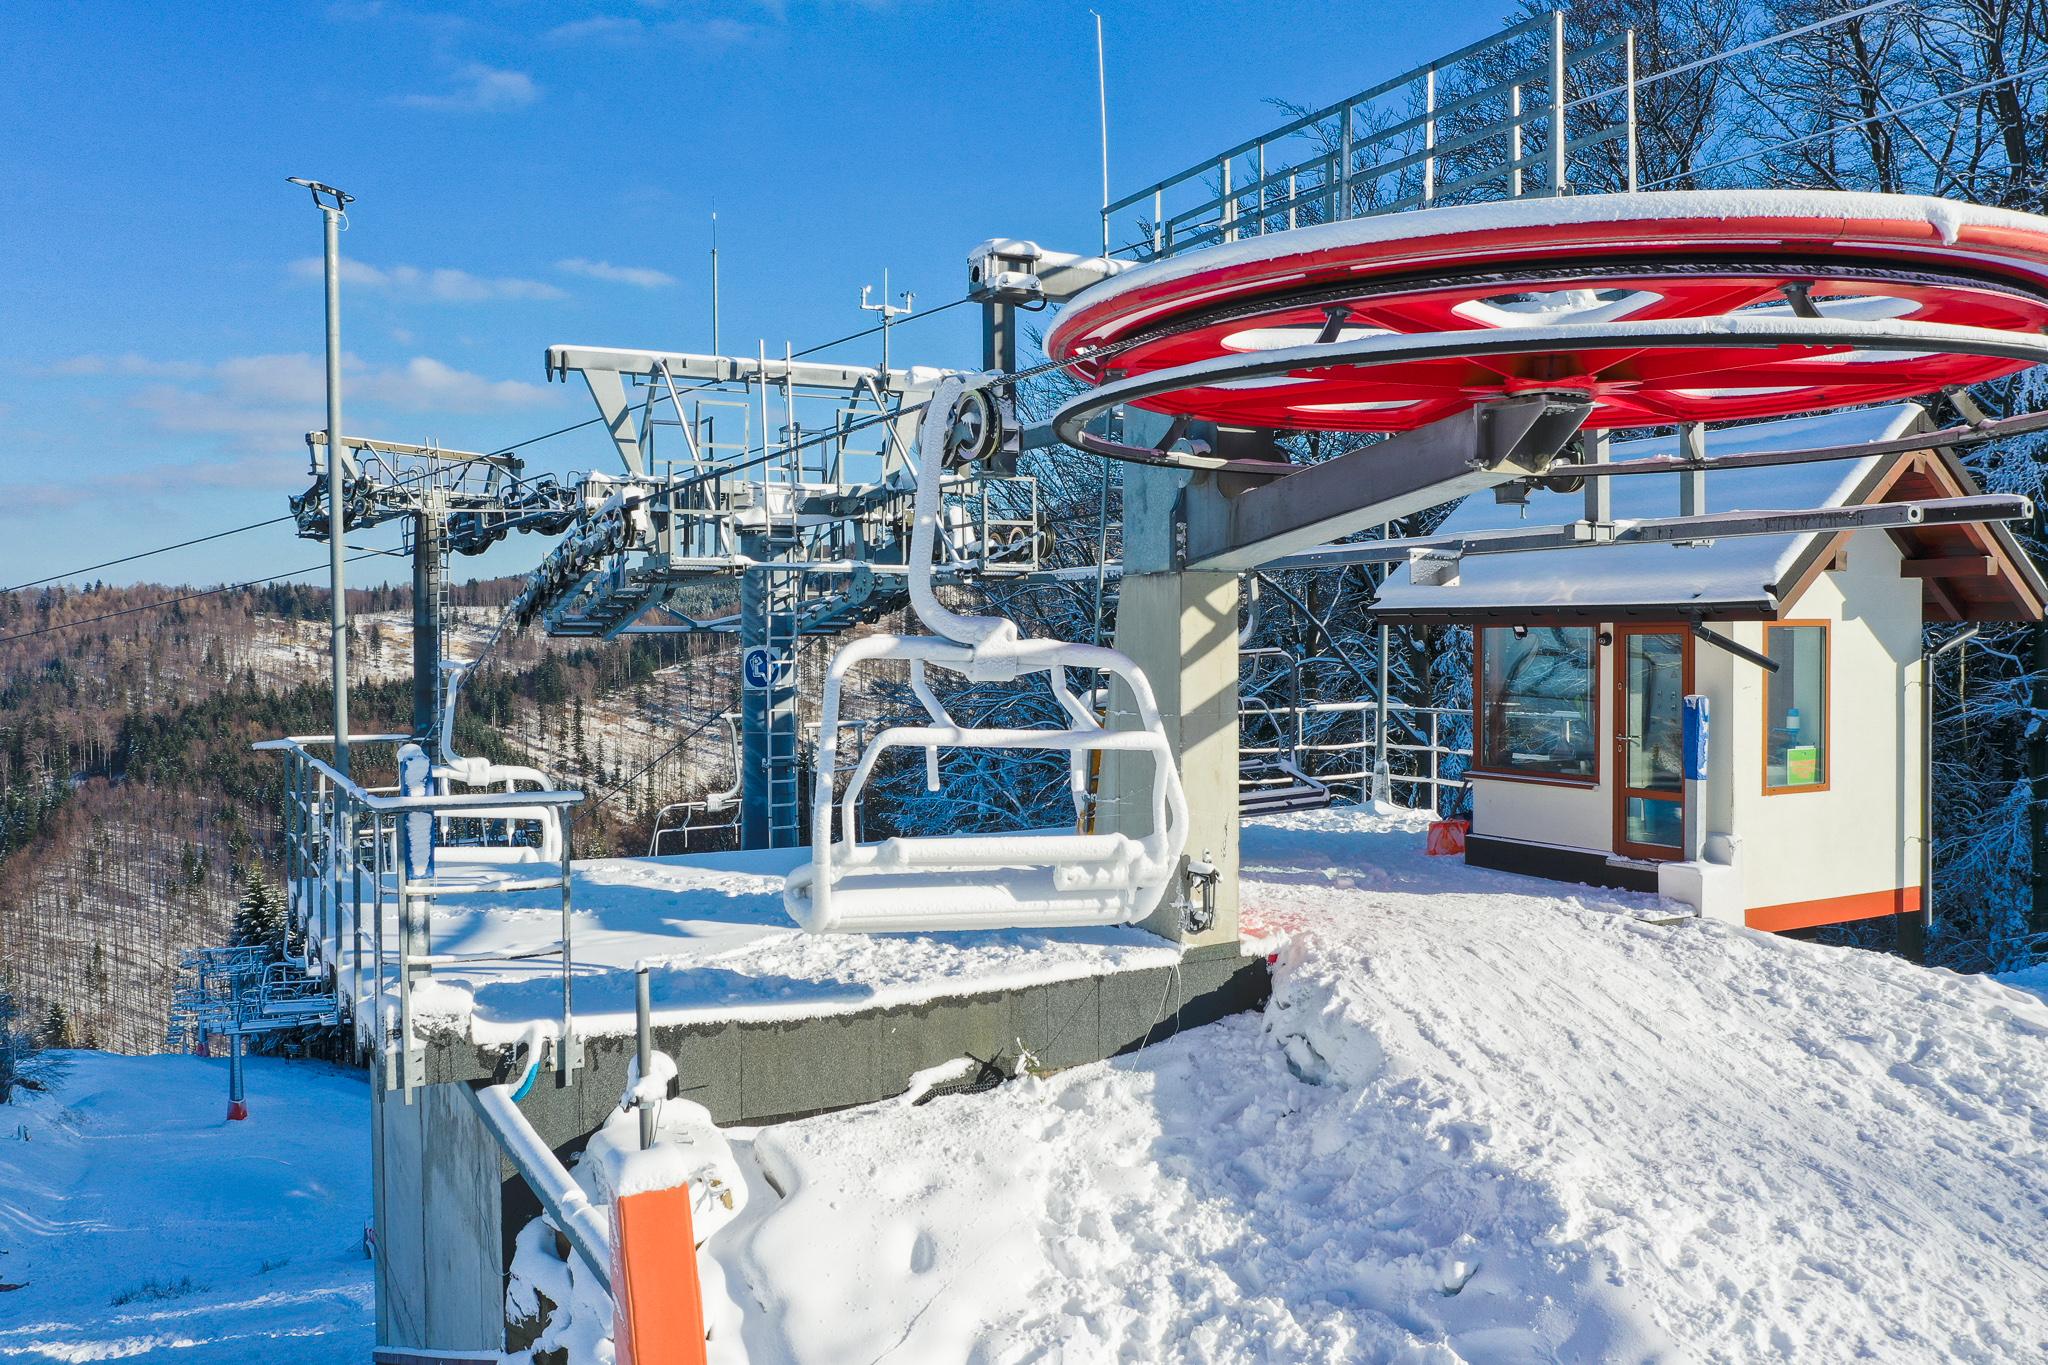 W weekend zapraszamy na wycieczkę koleją 4-osobową do magicznej krainy śniegu i pięknych widoków Beskidu Małego.